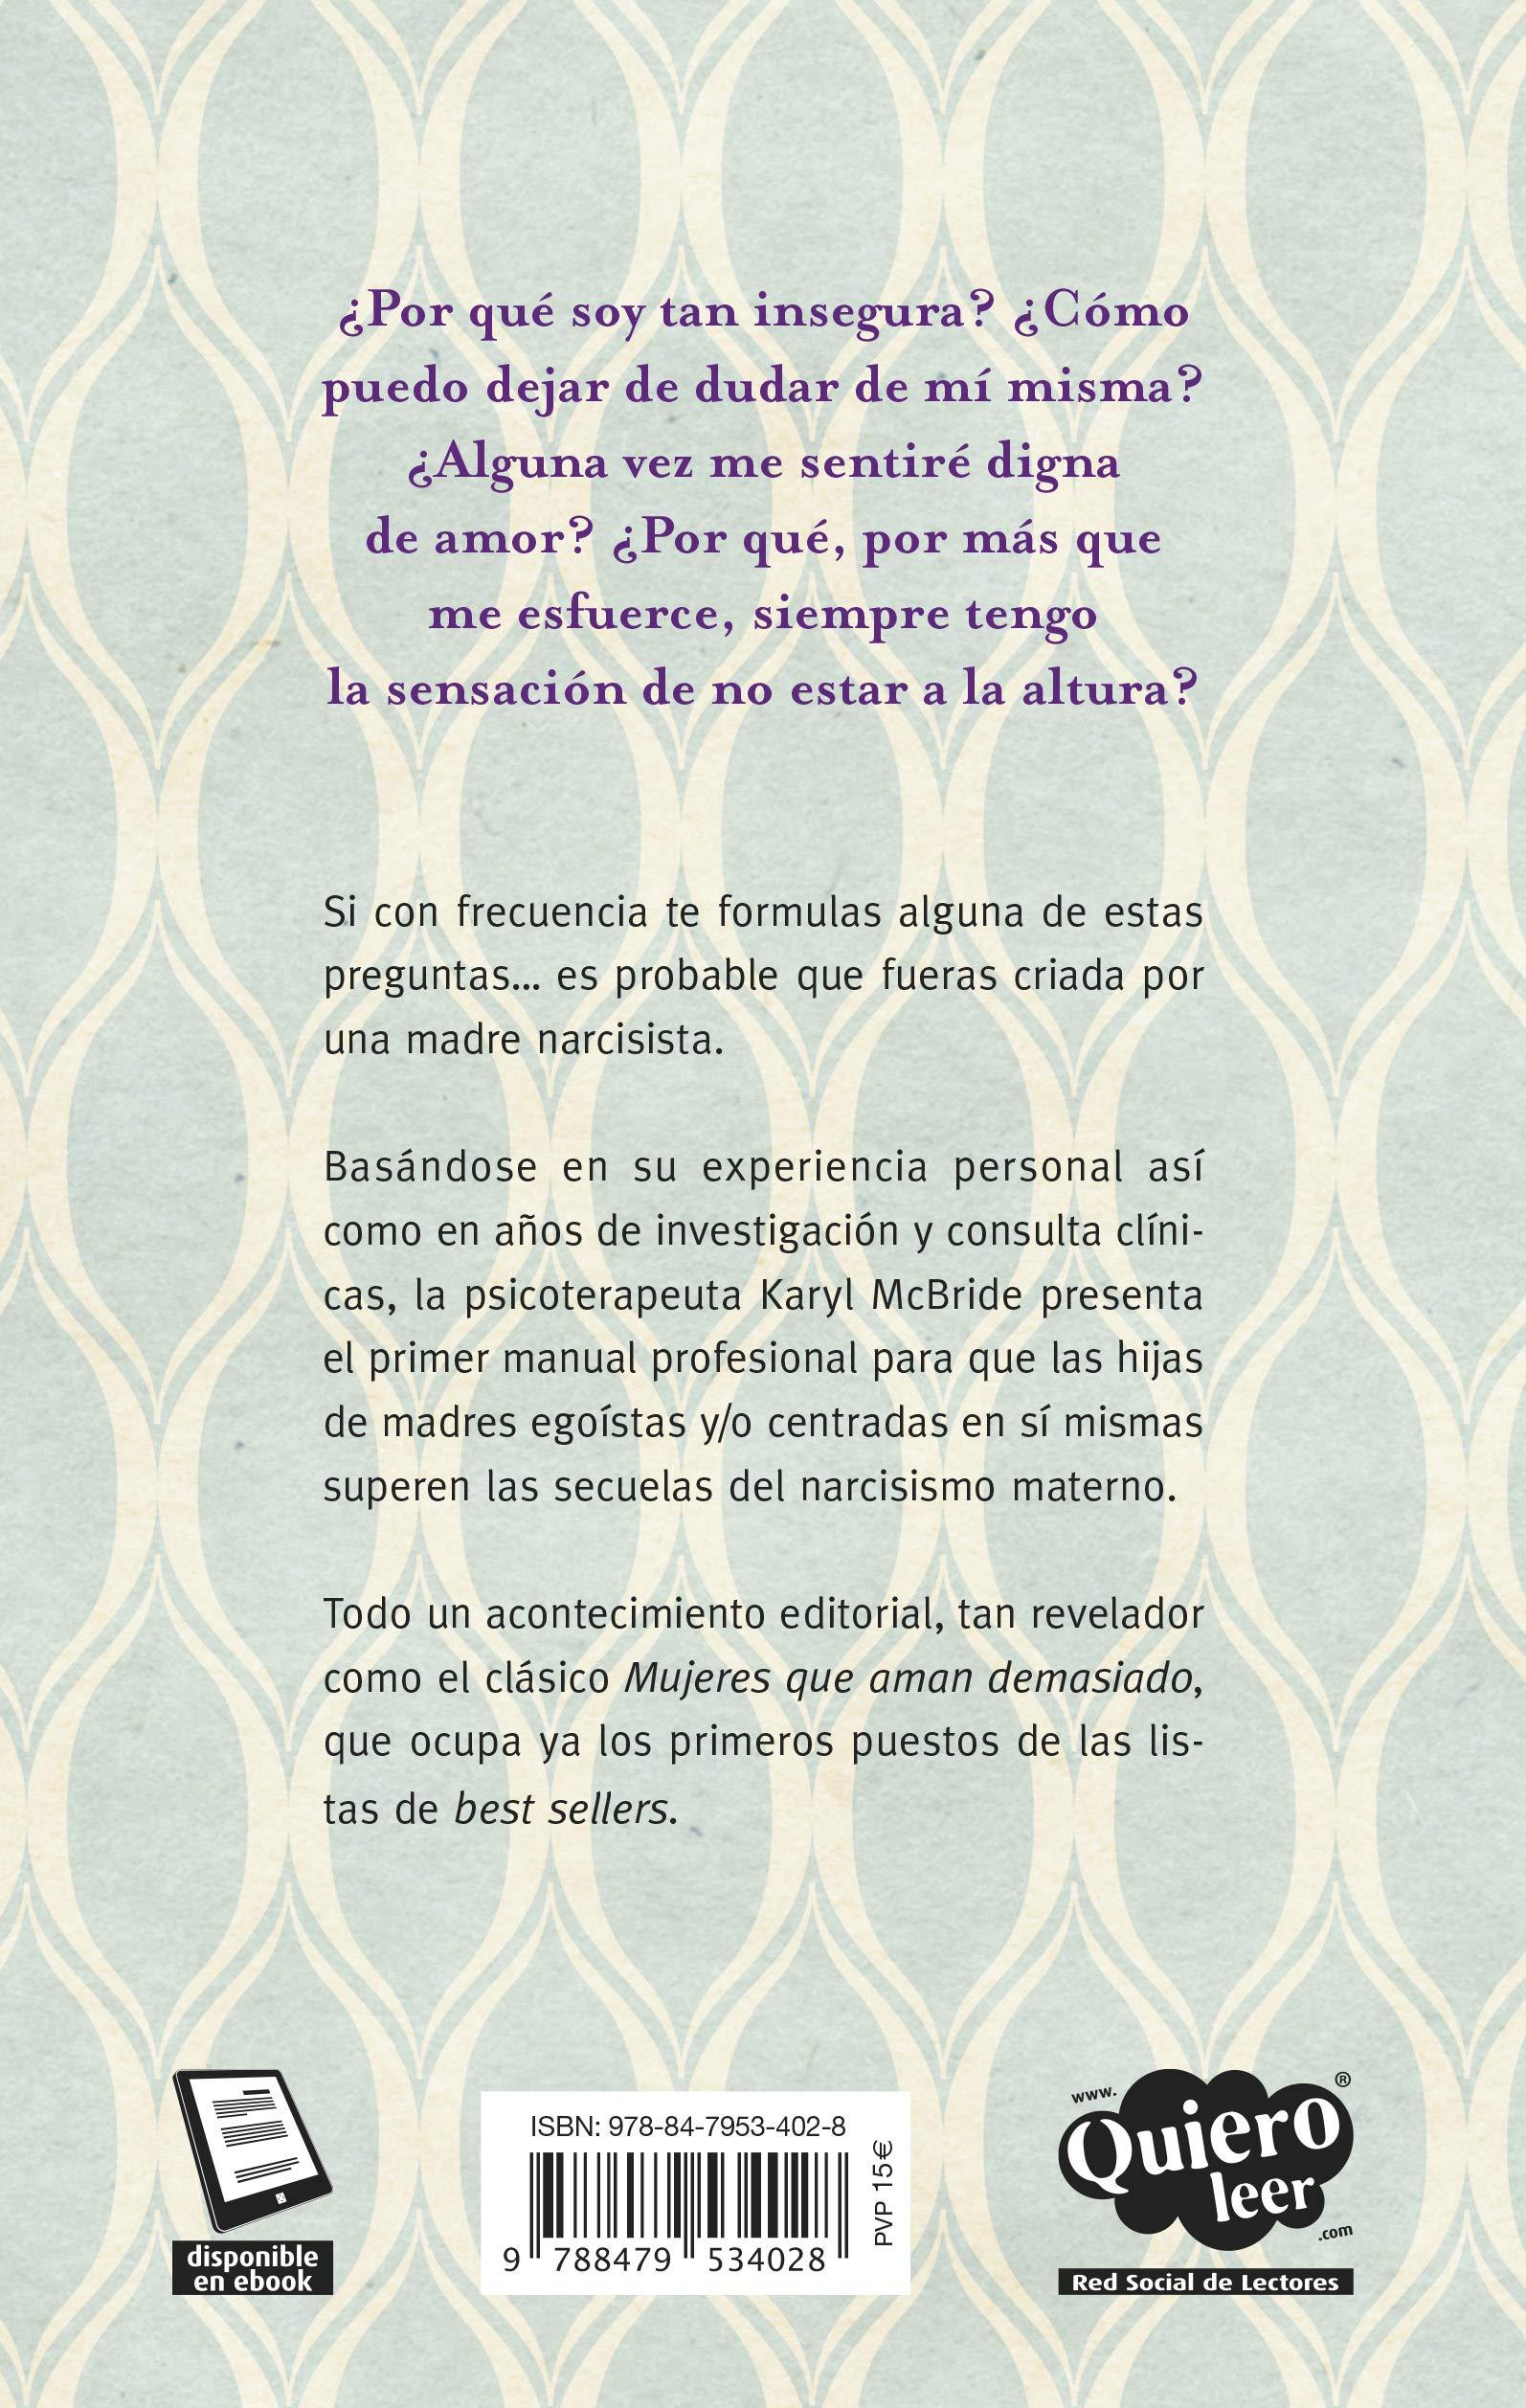 Madres Que No Saben Amar Como Superar Las Secuelas Provocadas Por Una Madre Narcisista Mcbride Karyl 9788479534028 Books Amazon Ca